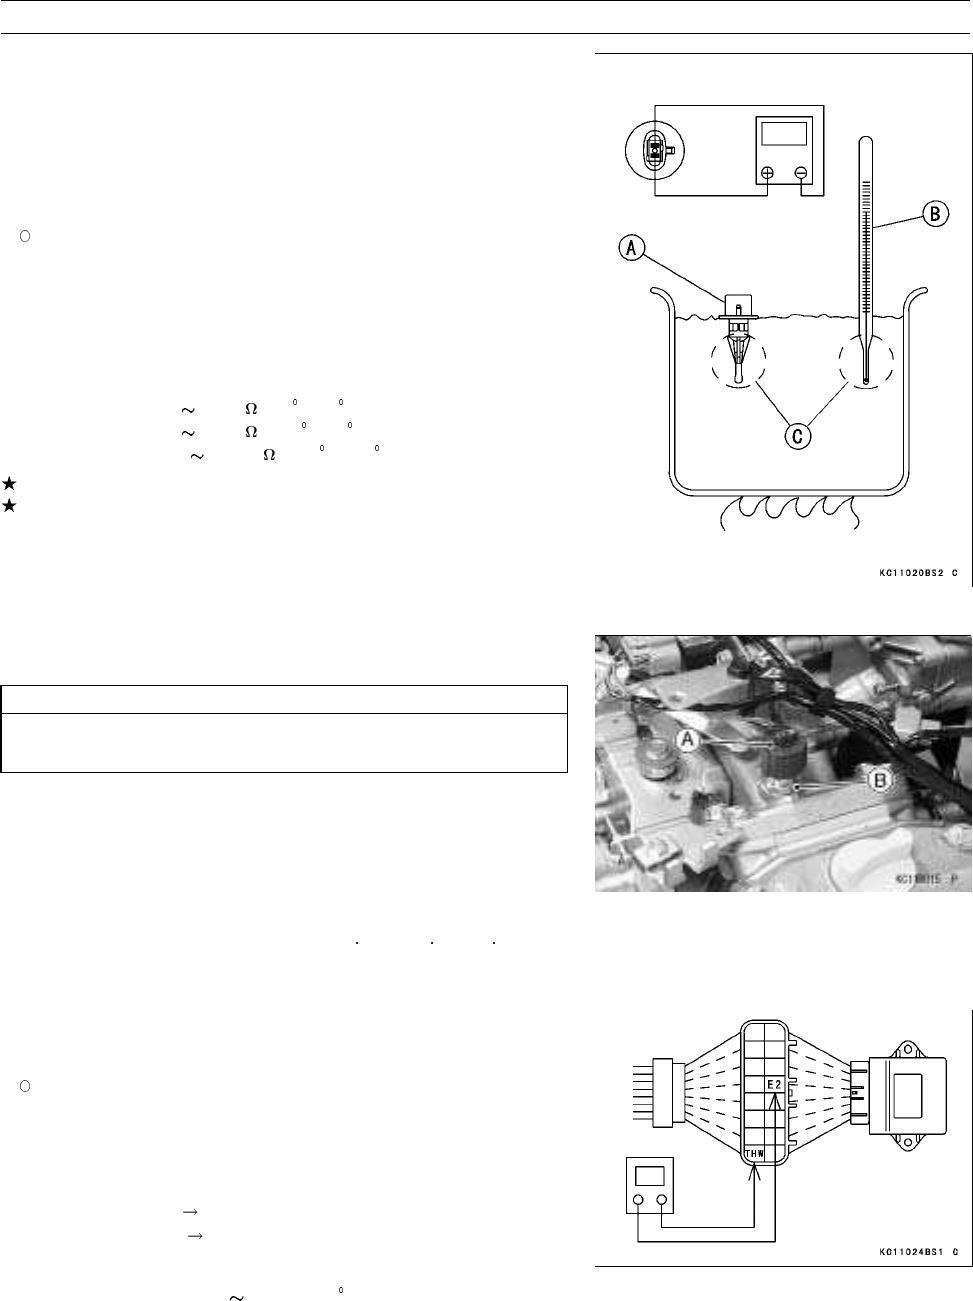 medium resolution of  kawasaki kawasaki fd671d fd711d fd750d fd791d service manual download page on kawasaki fuel